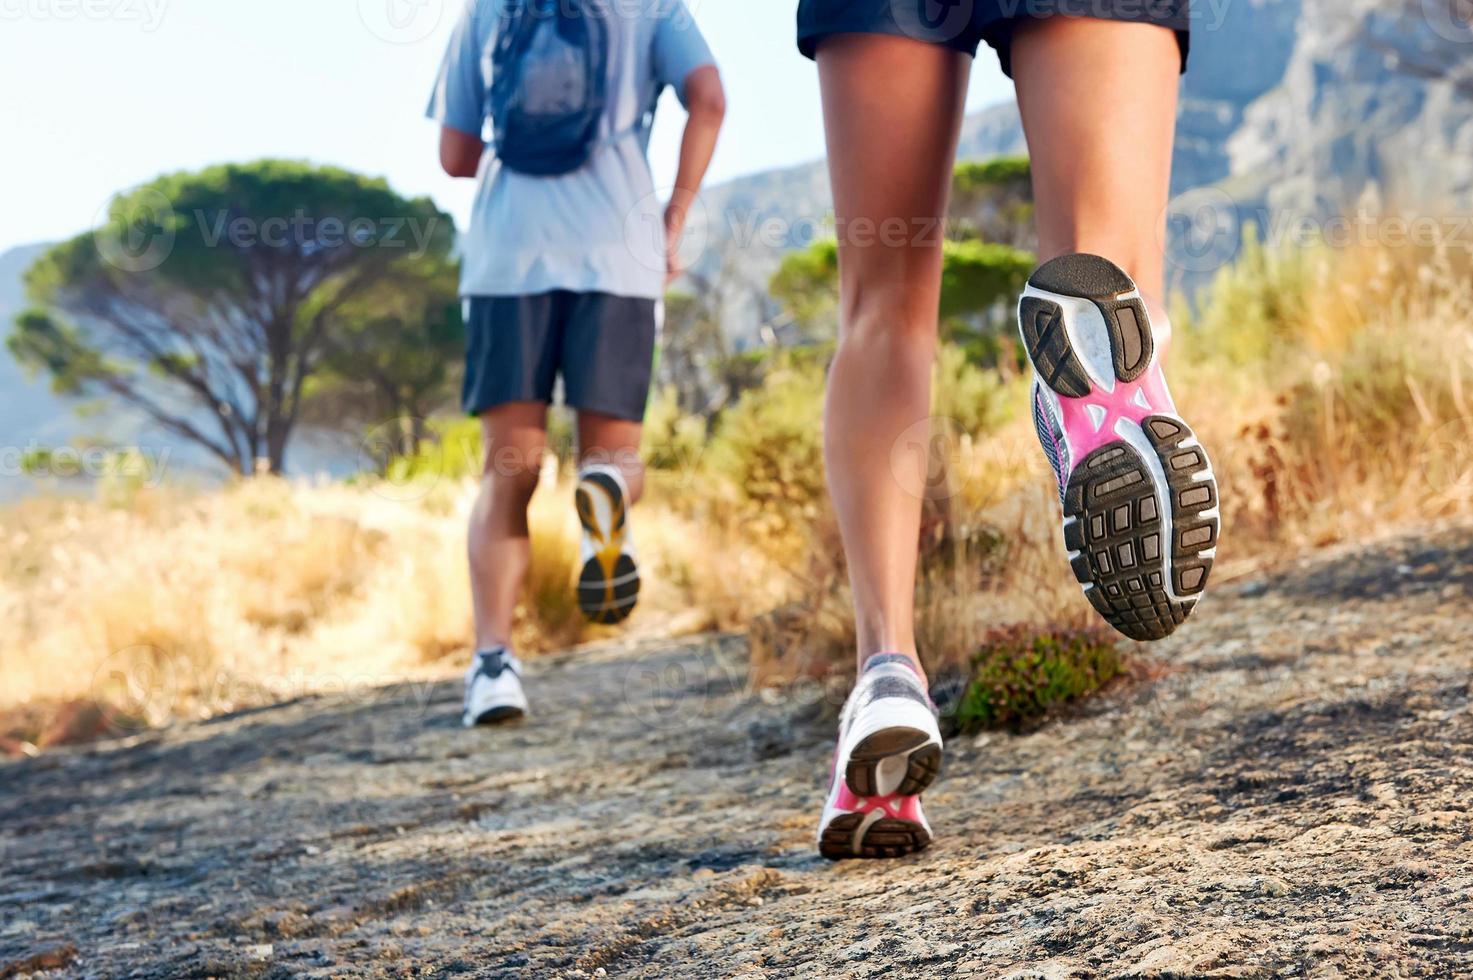 pés correndo ao ar livre foto